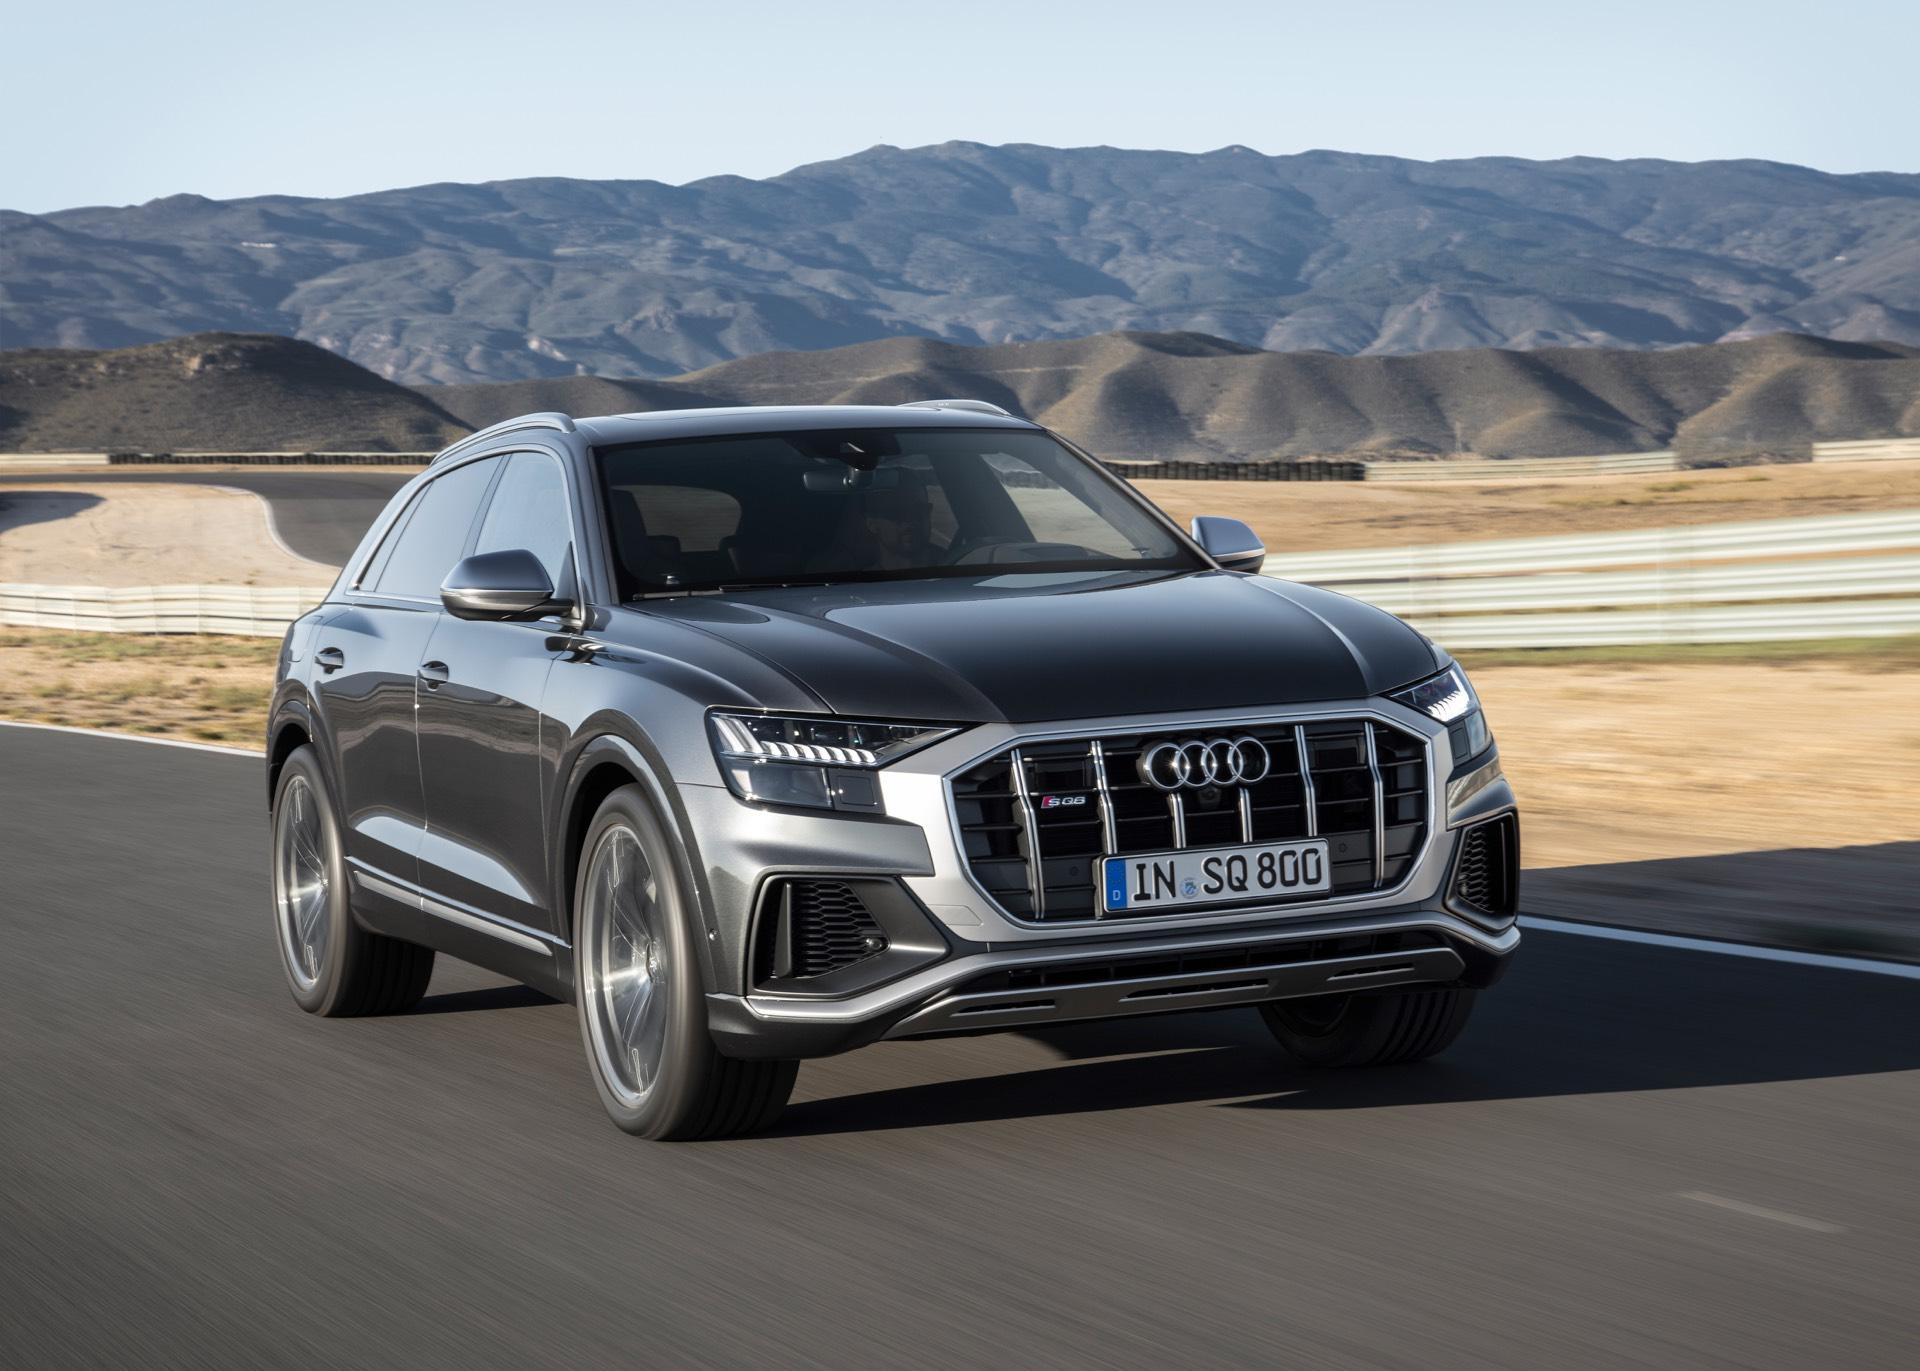 Audi-SQ8-TDI-2019-19